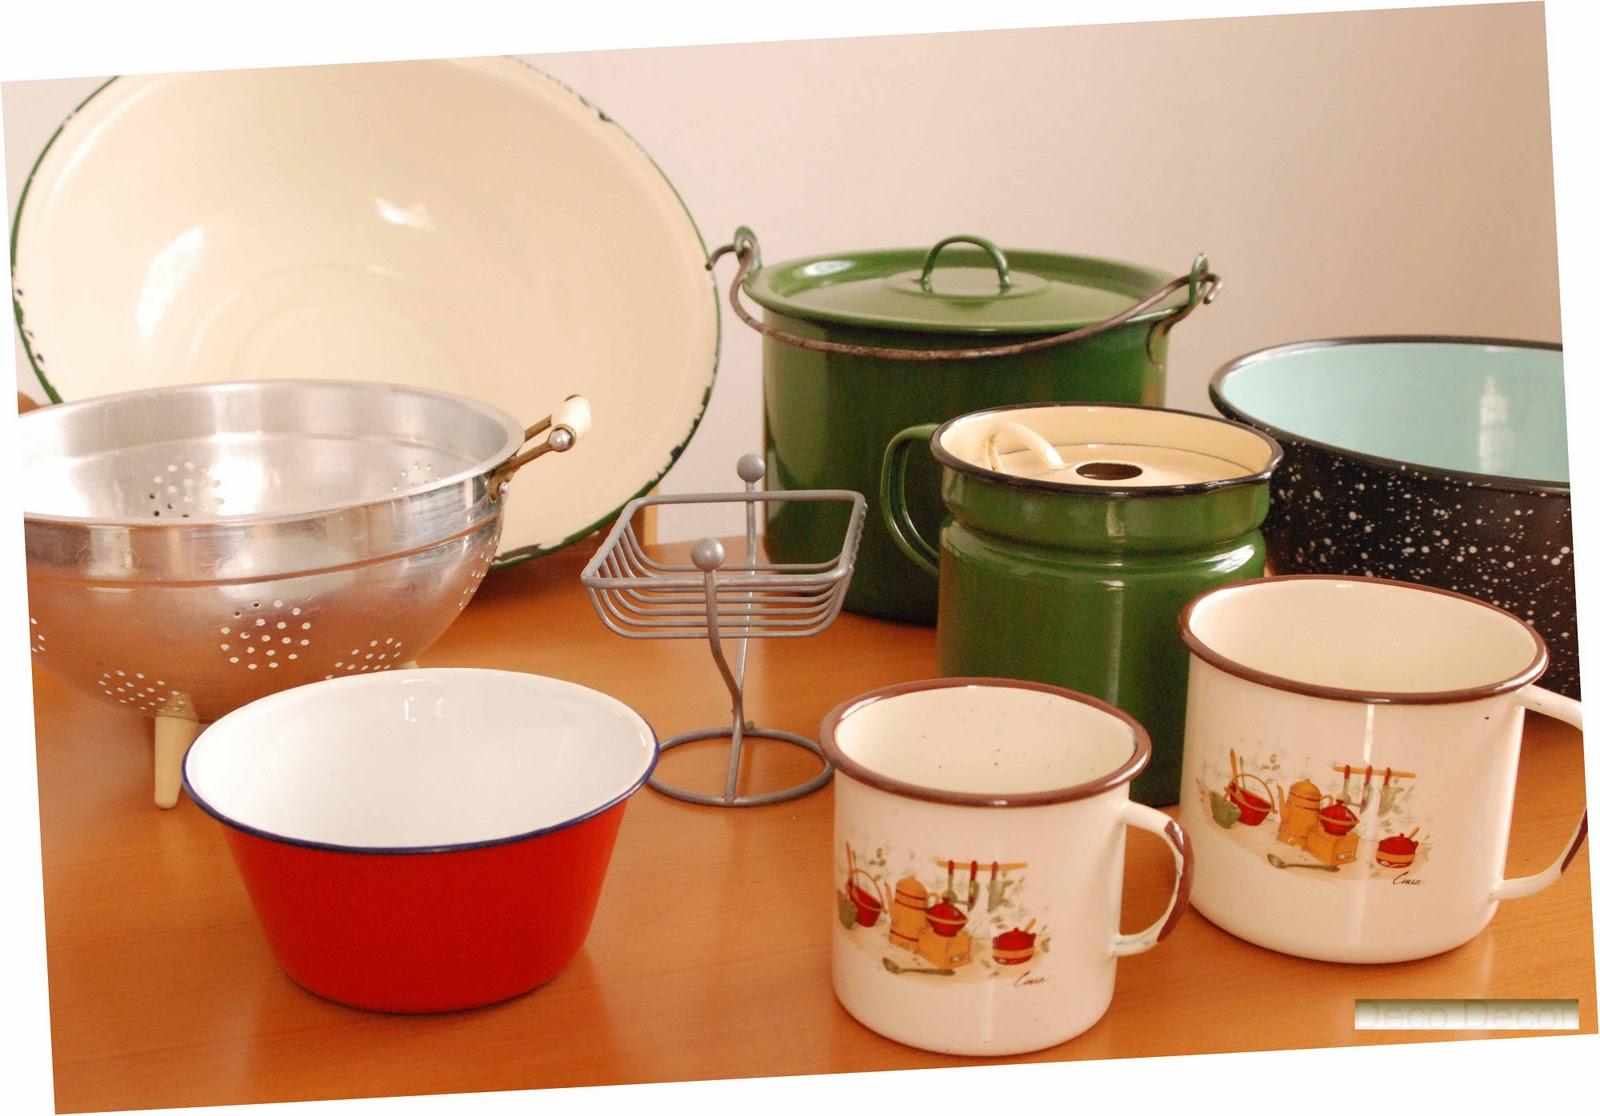 Articulos de cocina enlozados for Articulos de cocina